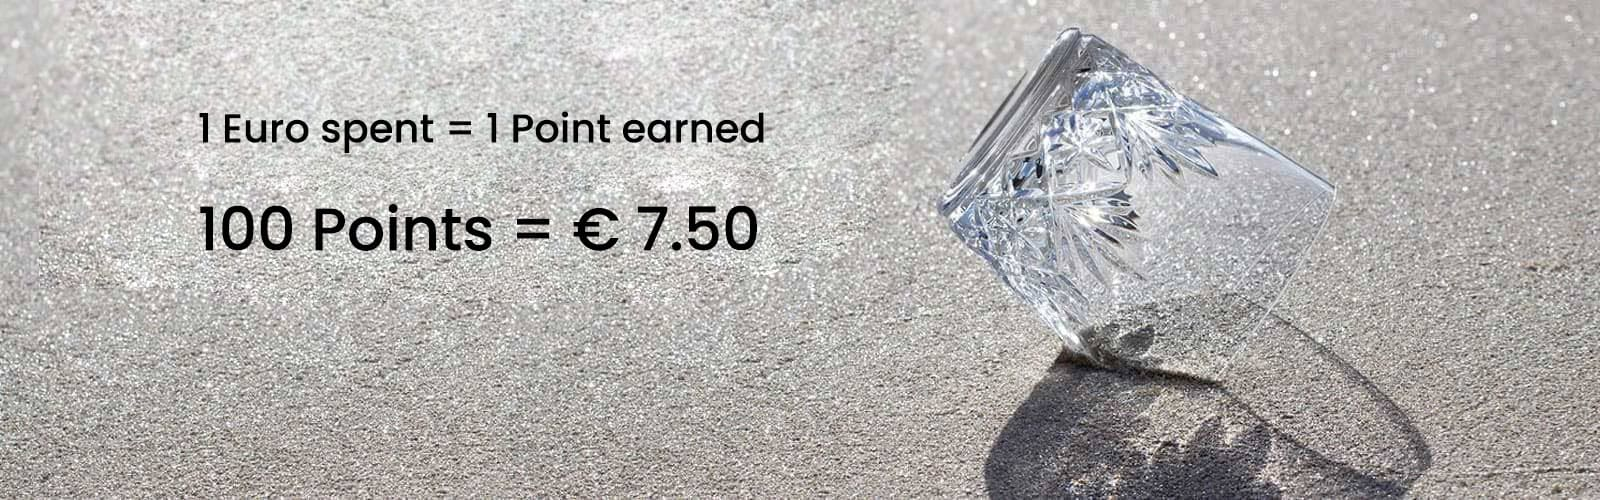 scopelliti reward point plan